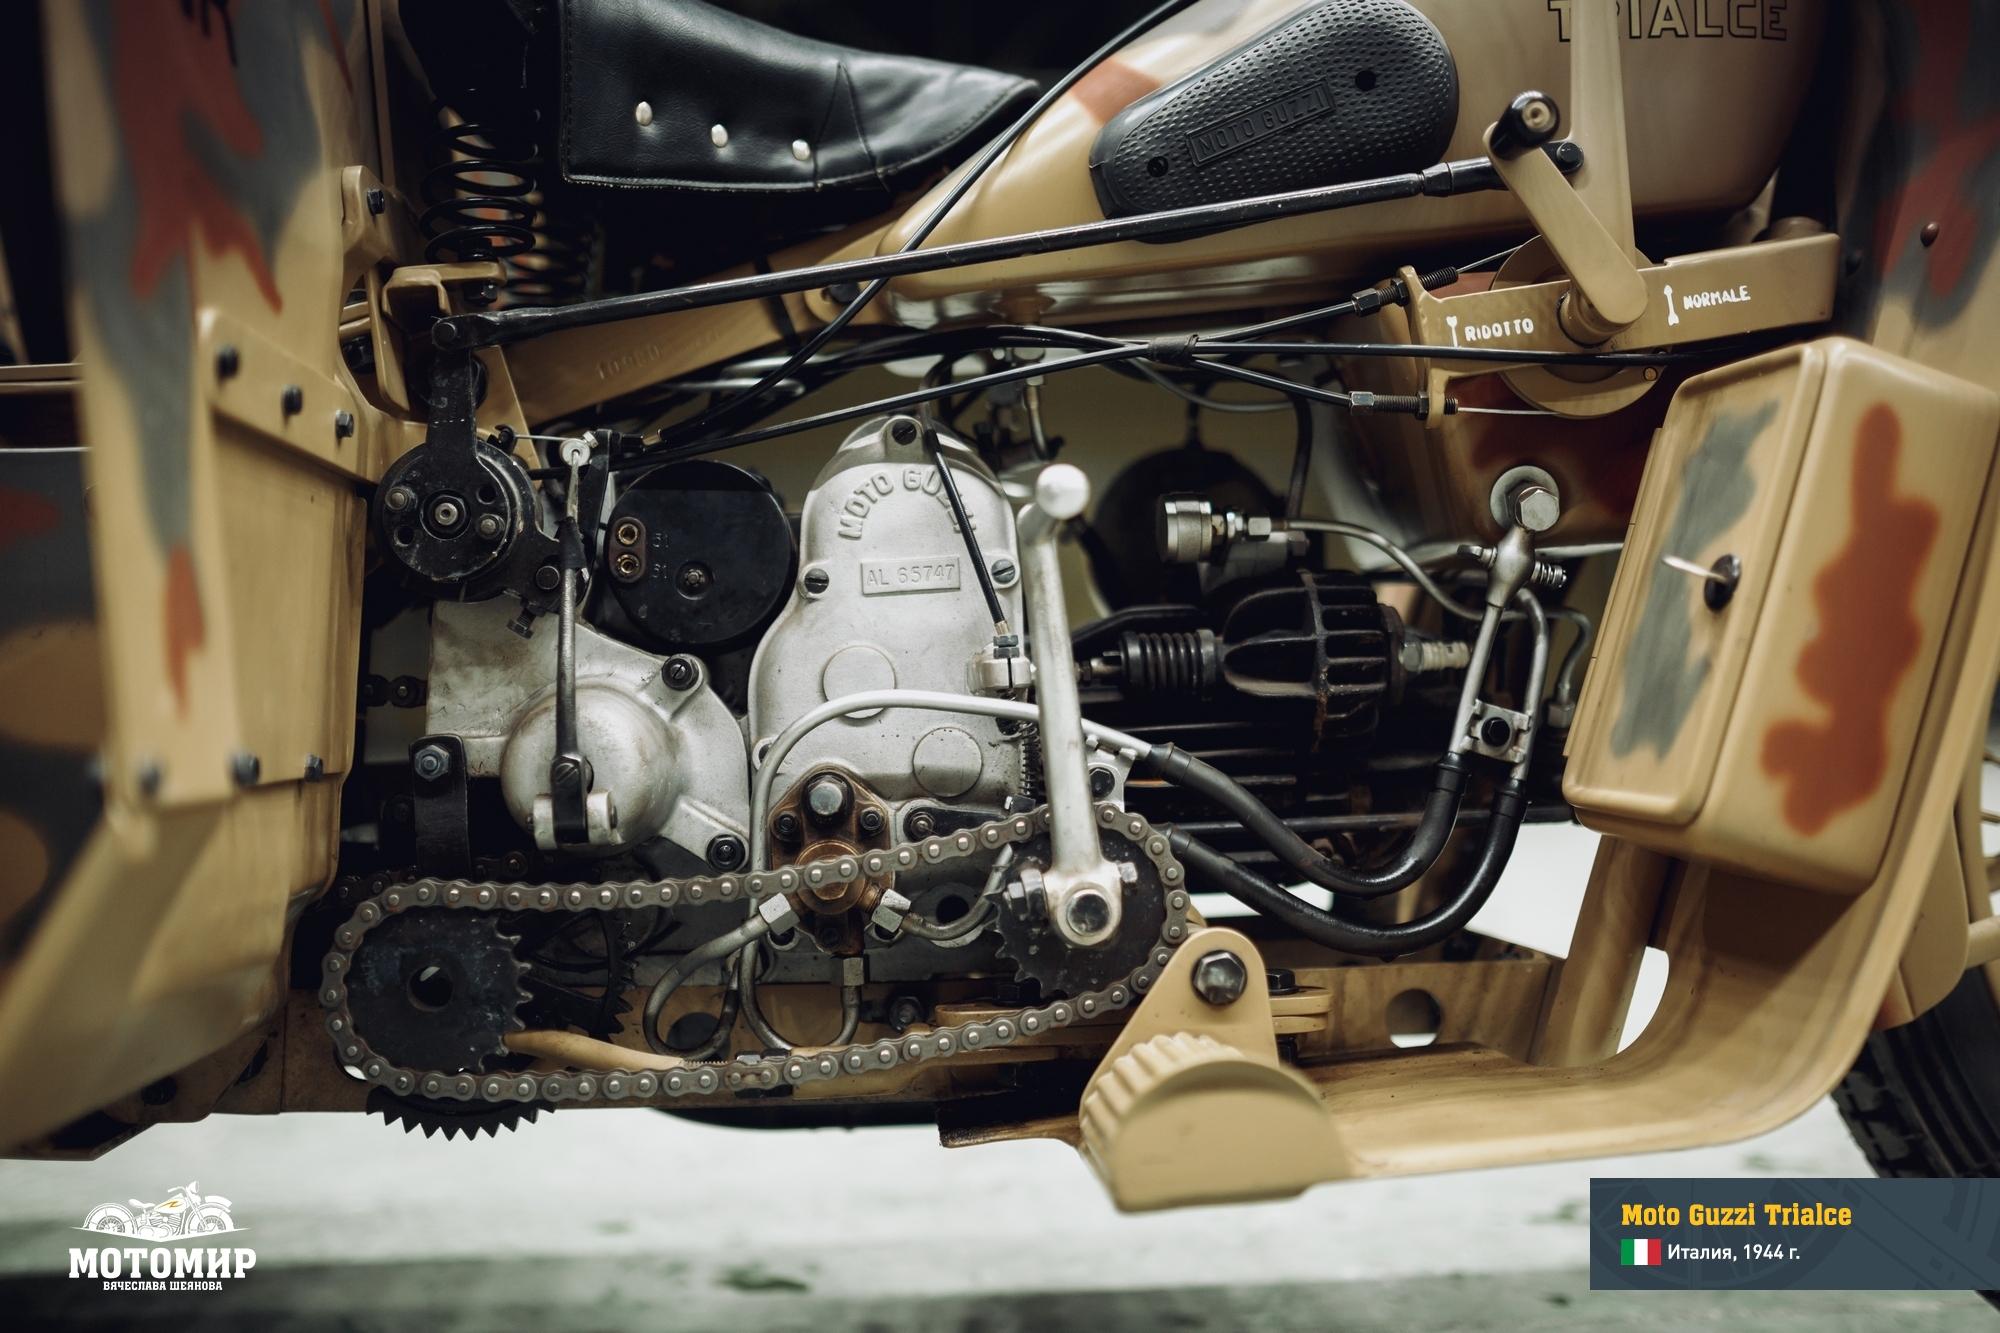 moto-guzzi-trialce-201502-web-26